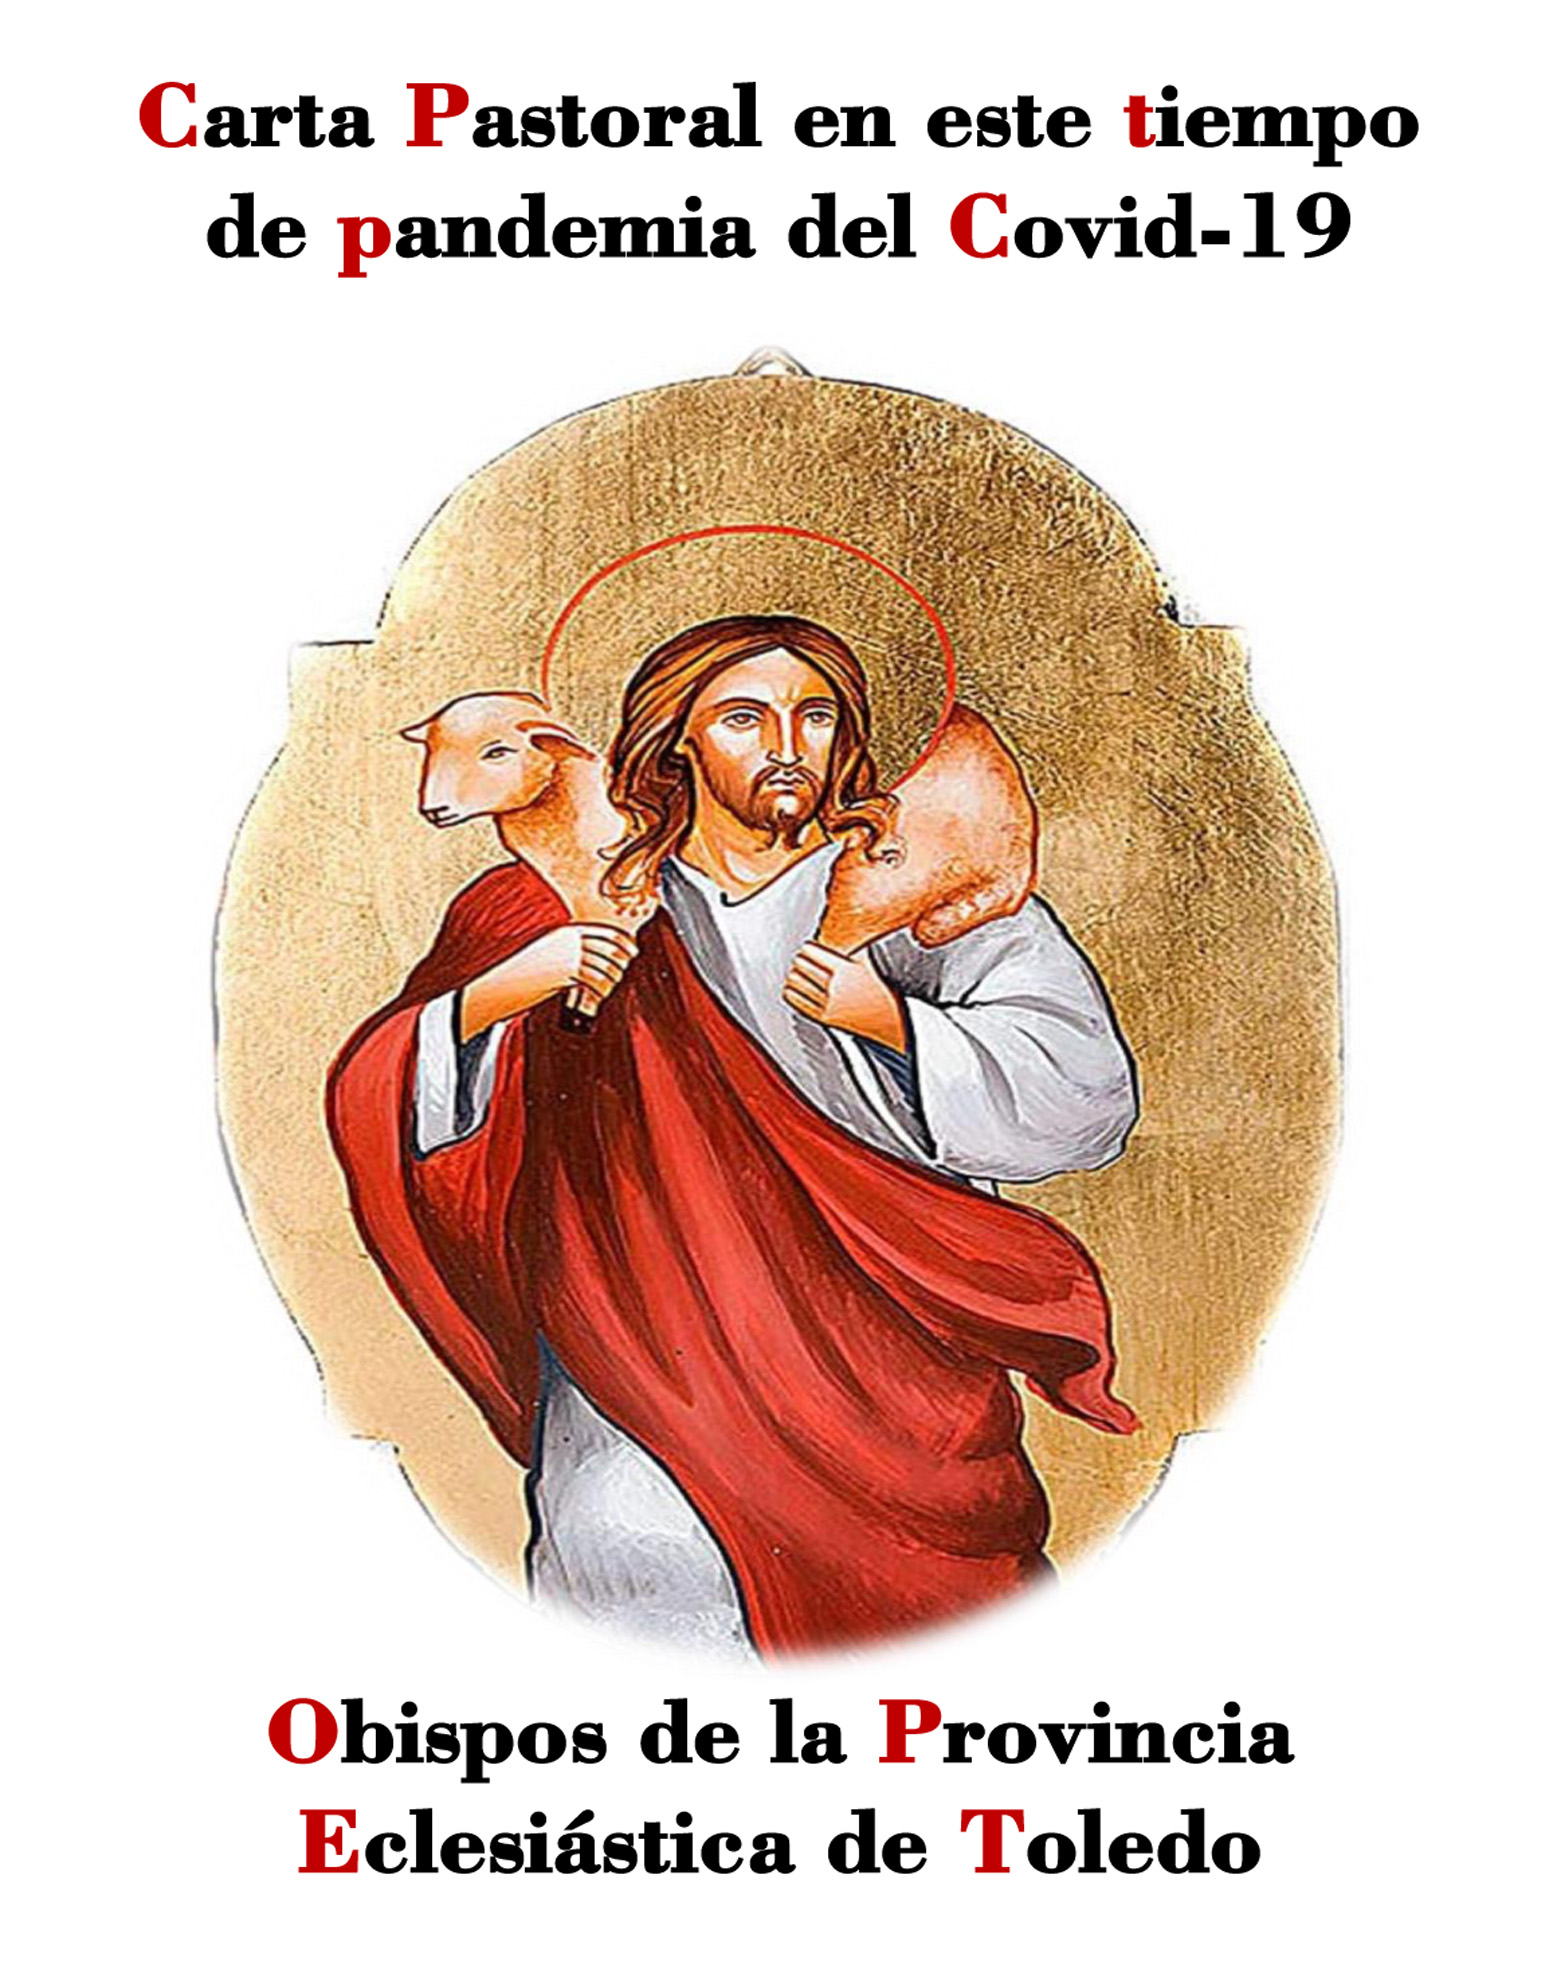 Carta Pastoral de los Obispos_Coronavirus (Folleto)-1